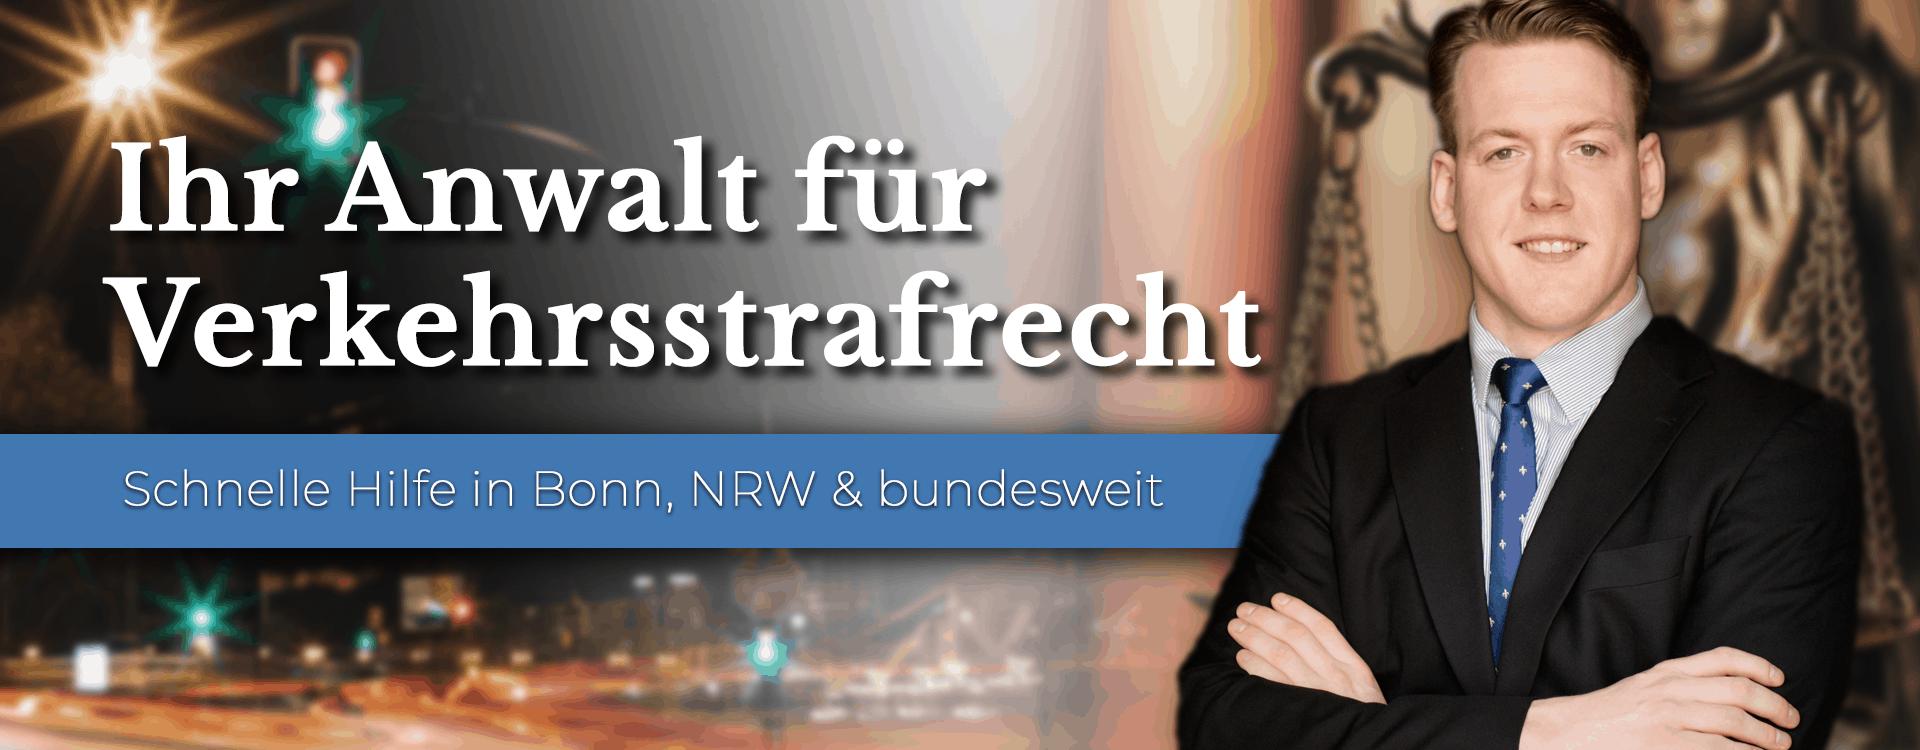 Anwalt für Verkehrsstrafrecht in Bonn, NRW und bundesweit